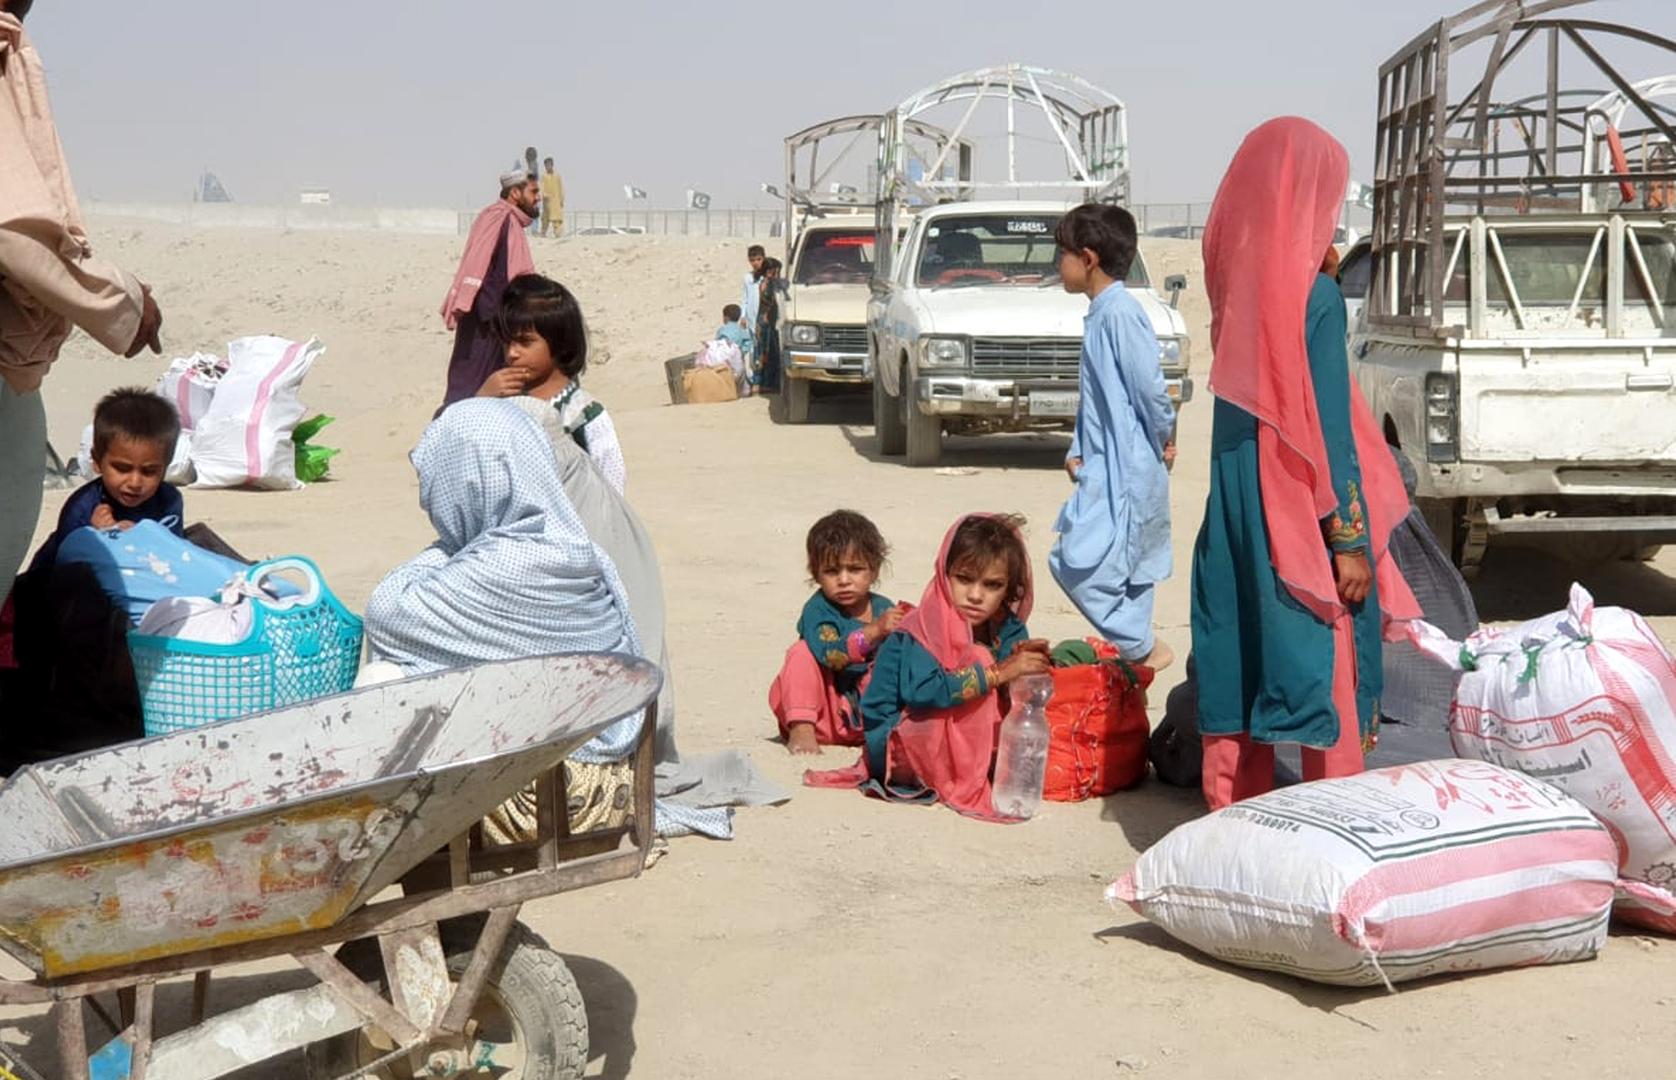 اليونيسف: نحو 10 ملايين طفل في أفغانستان بحاجة إلى مساعدات إنسانية